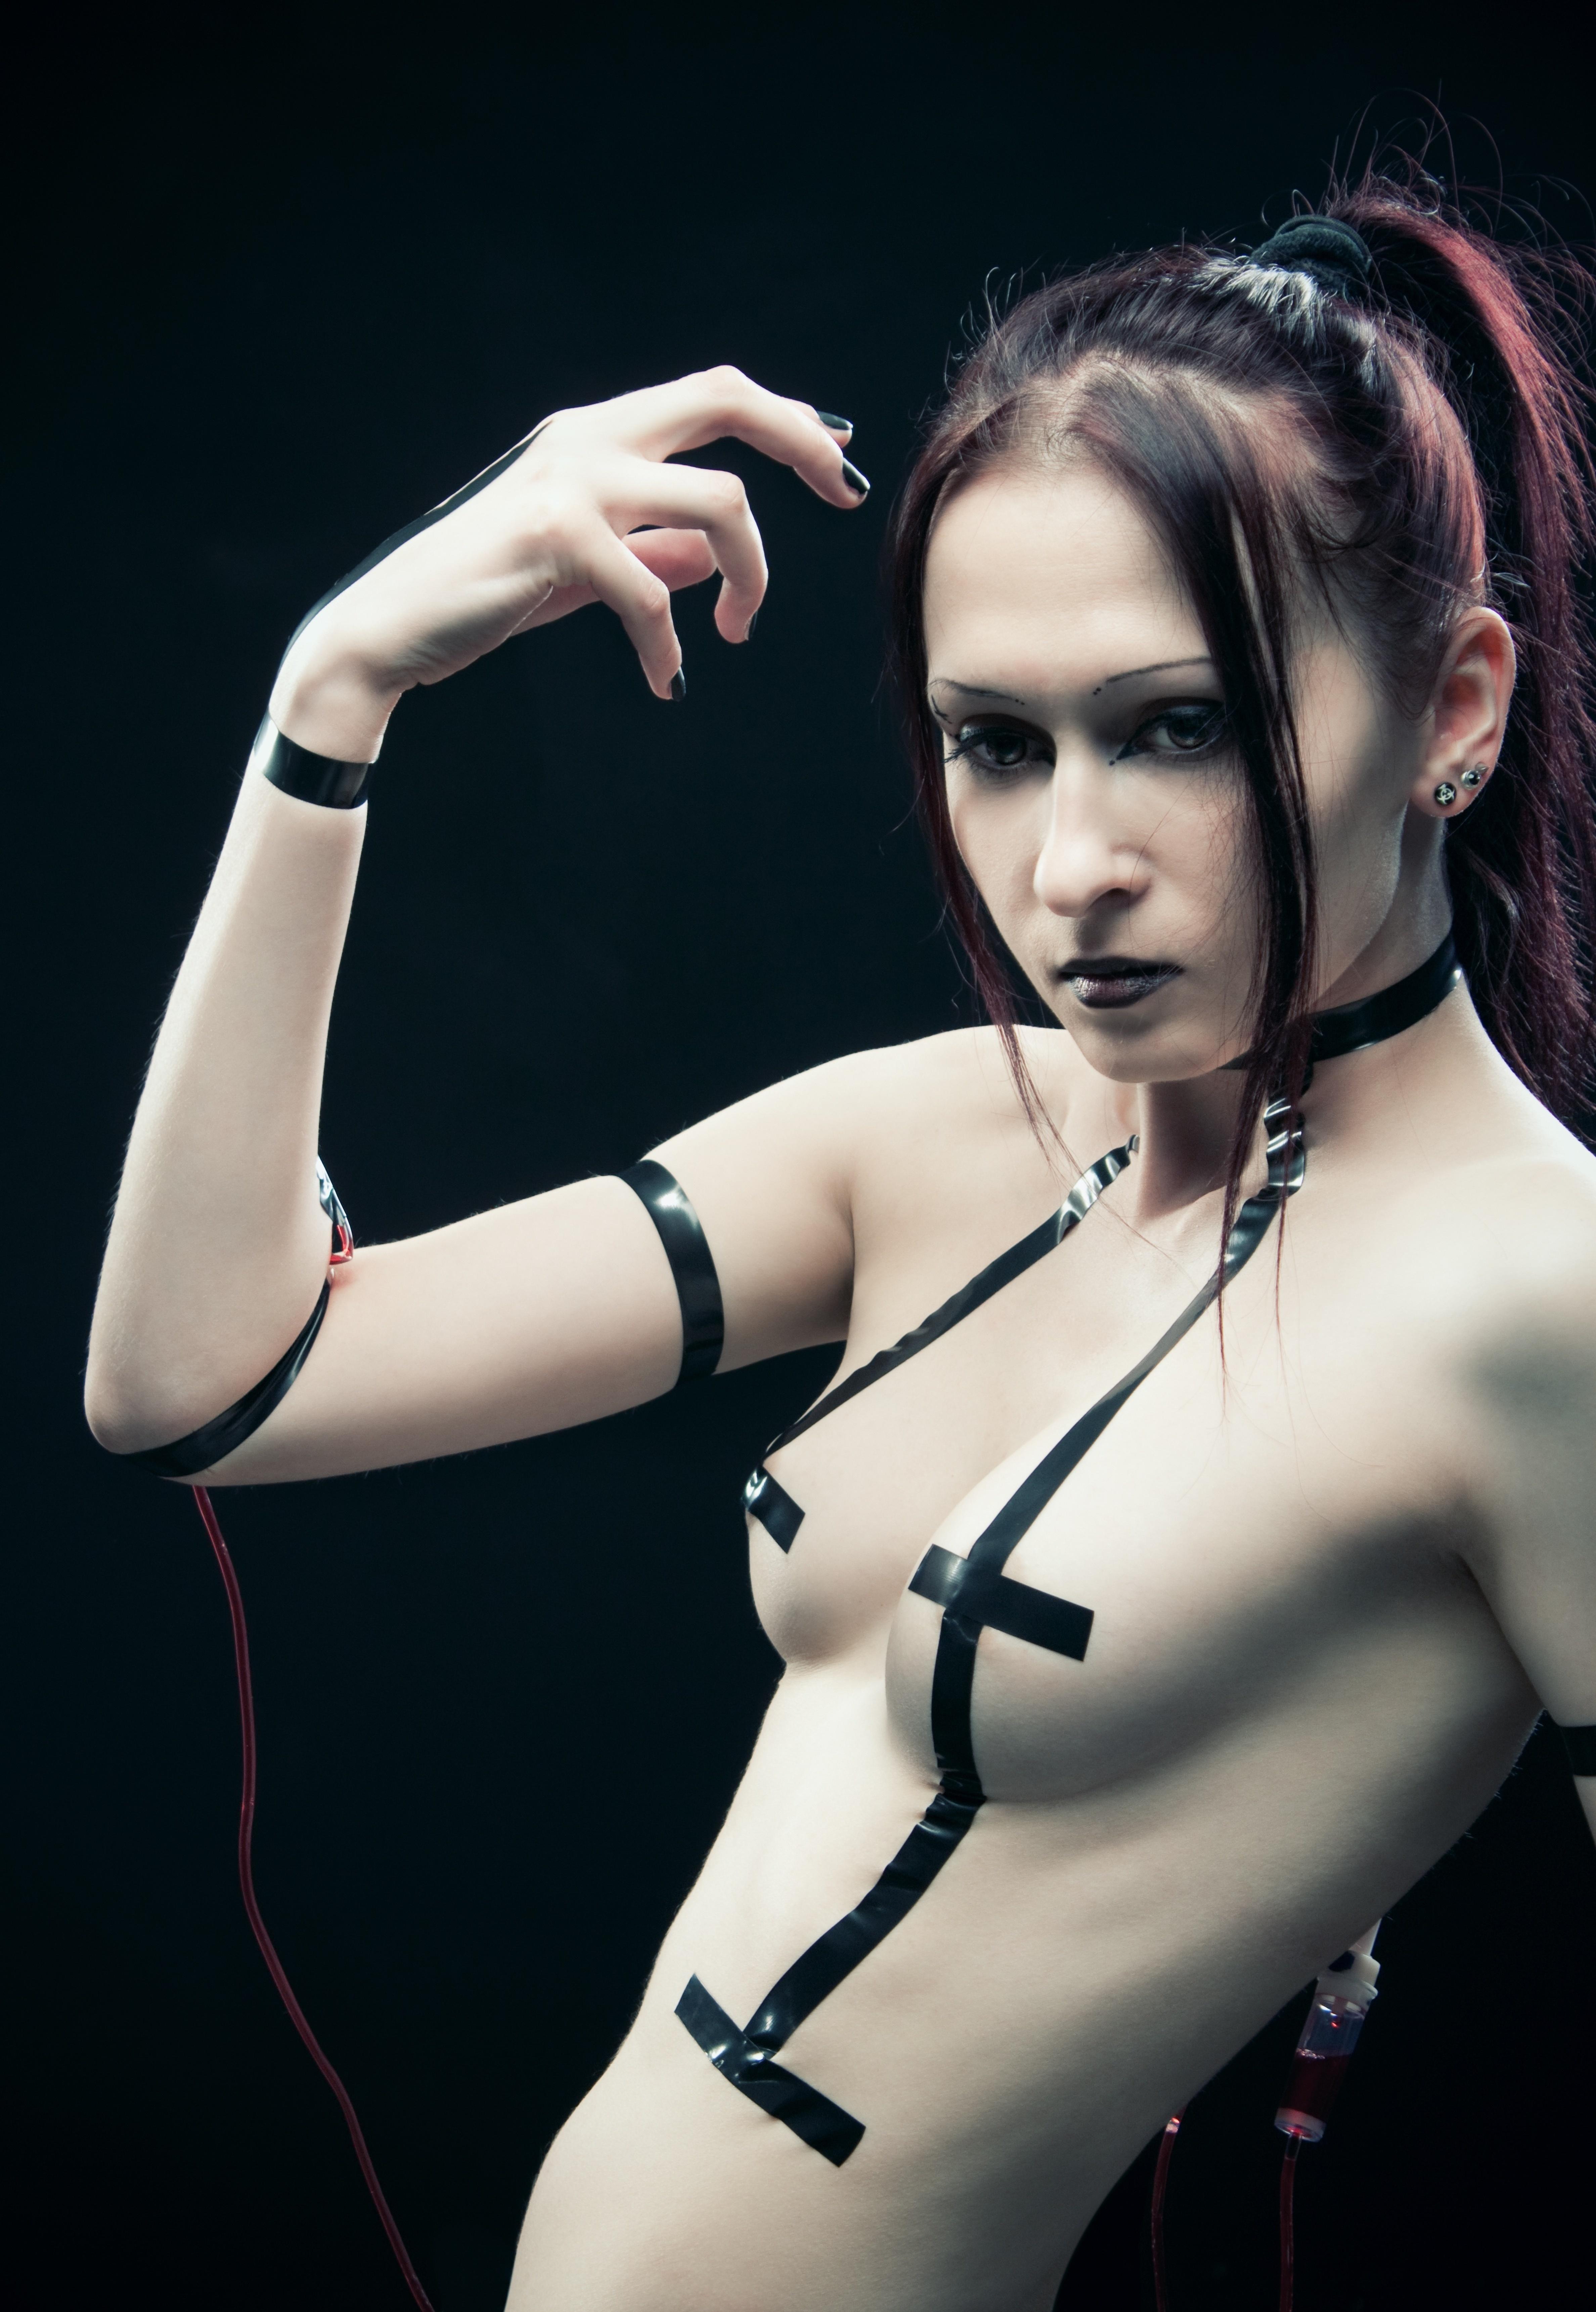 13536634 - pretty futuristic cyber girl posing over dark background